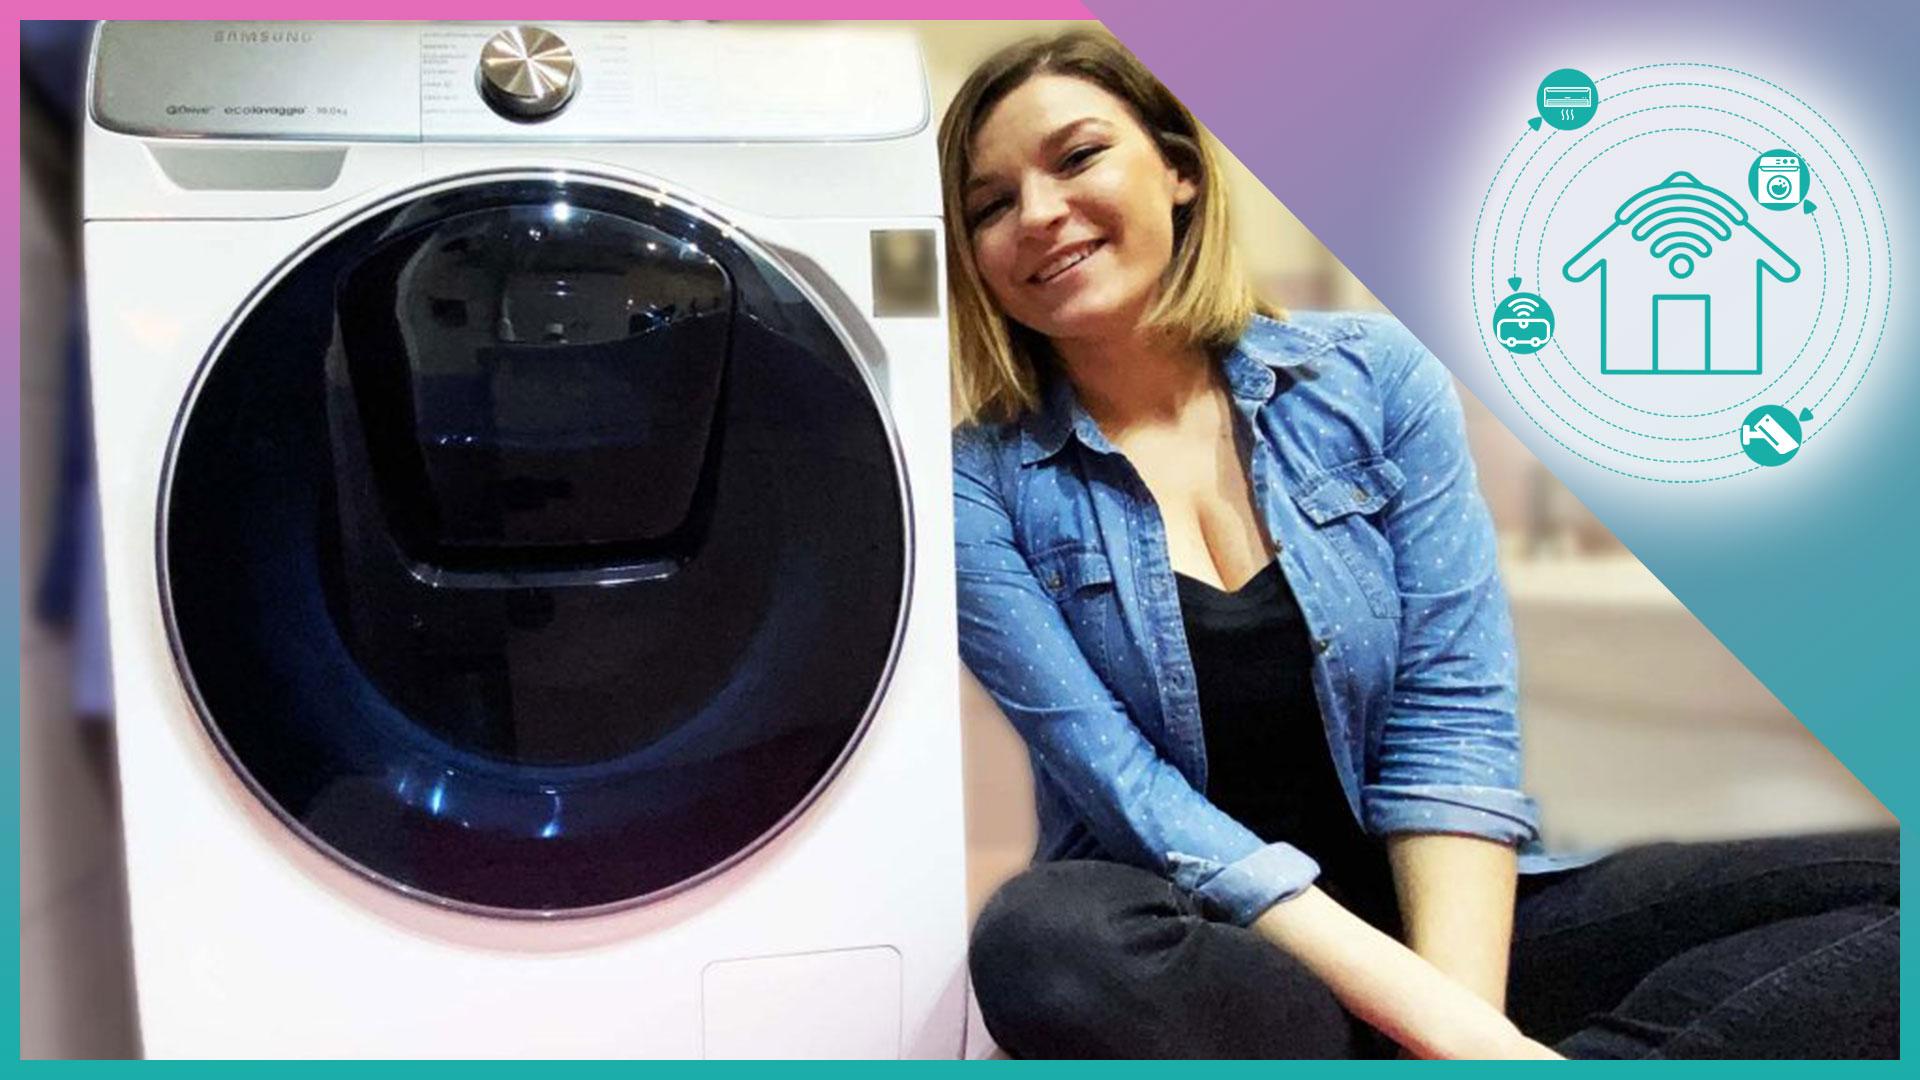 Lavatrice Samsung QuickDrive: recensione del gioellino tecnologico e super smart | Smart & Green 4.0 thumbnail